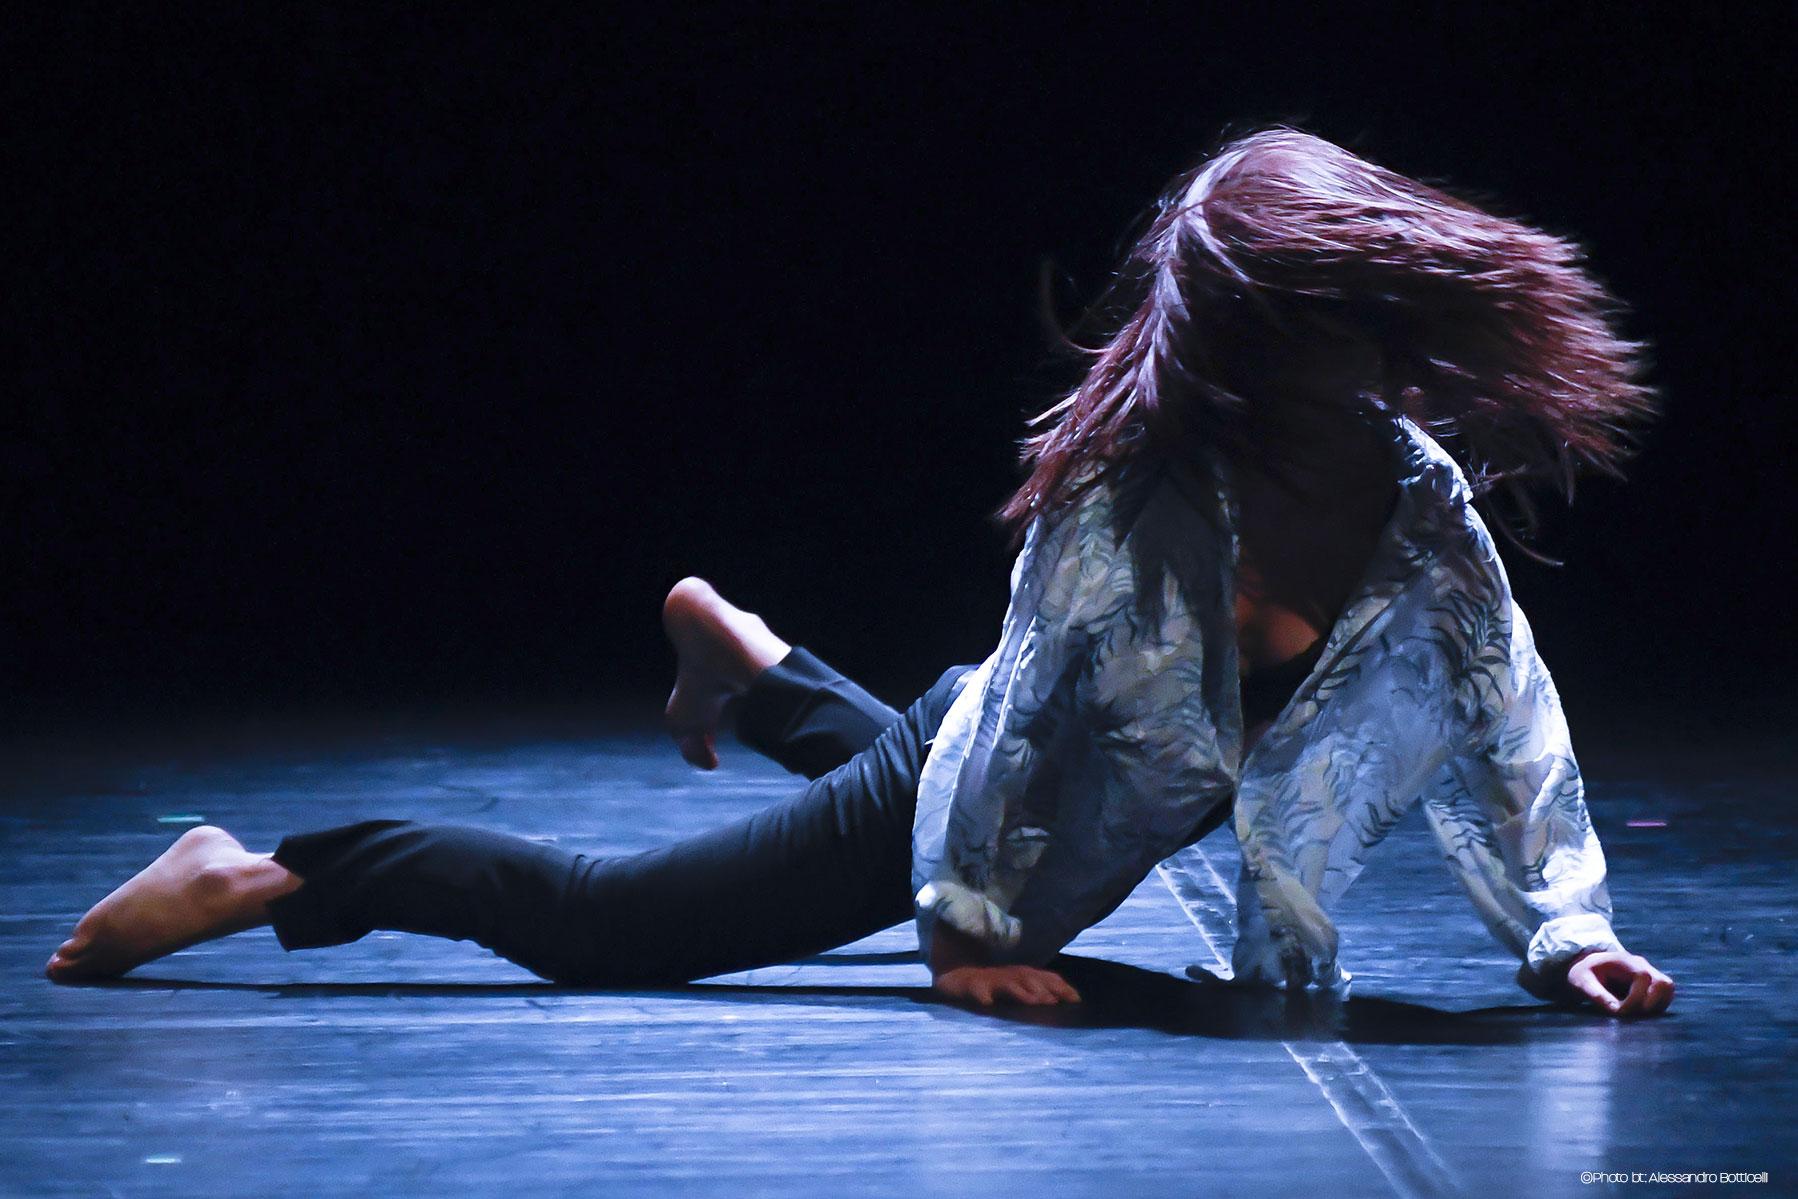 Foto - Fragile - Gabriella Secchi - Florence Dance Festival 2020